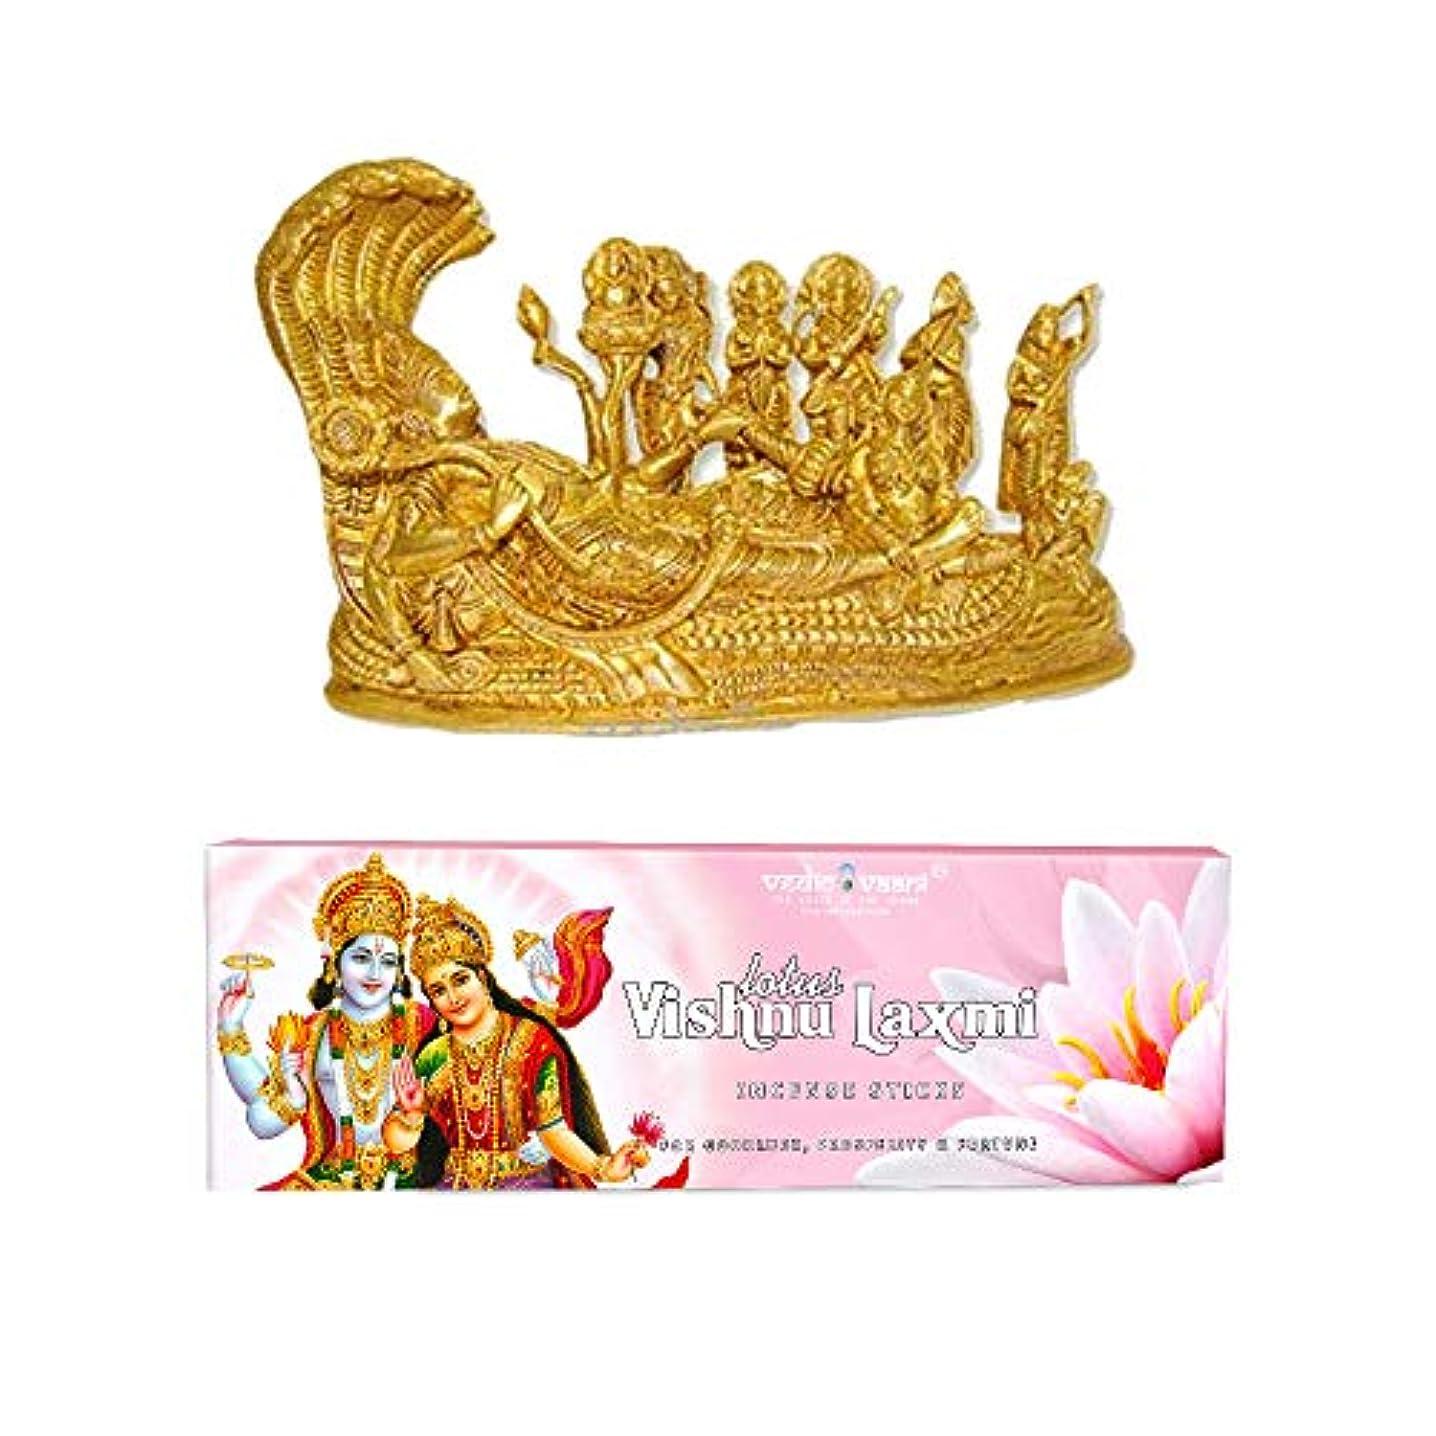 美徳義務付けられた鷹Vedic Vaani Vishnu Pariwar with Vishnu Laxmi お香スティック